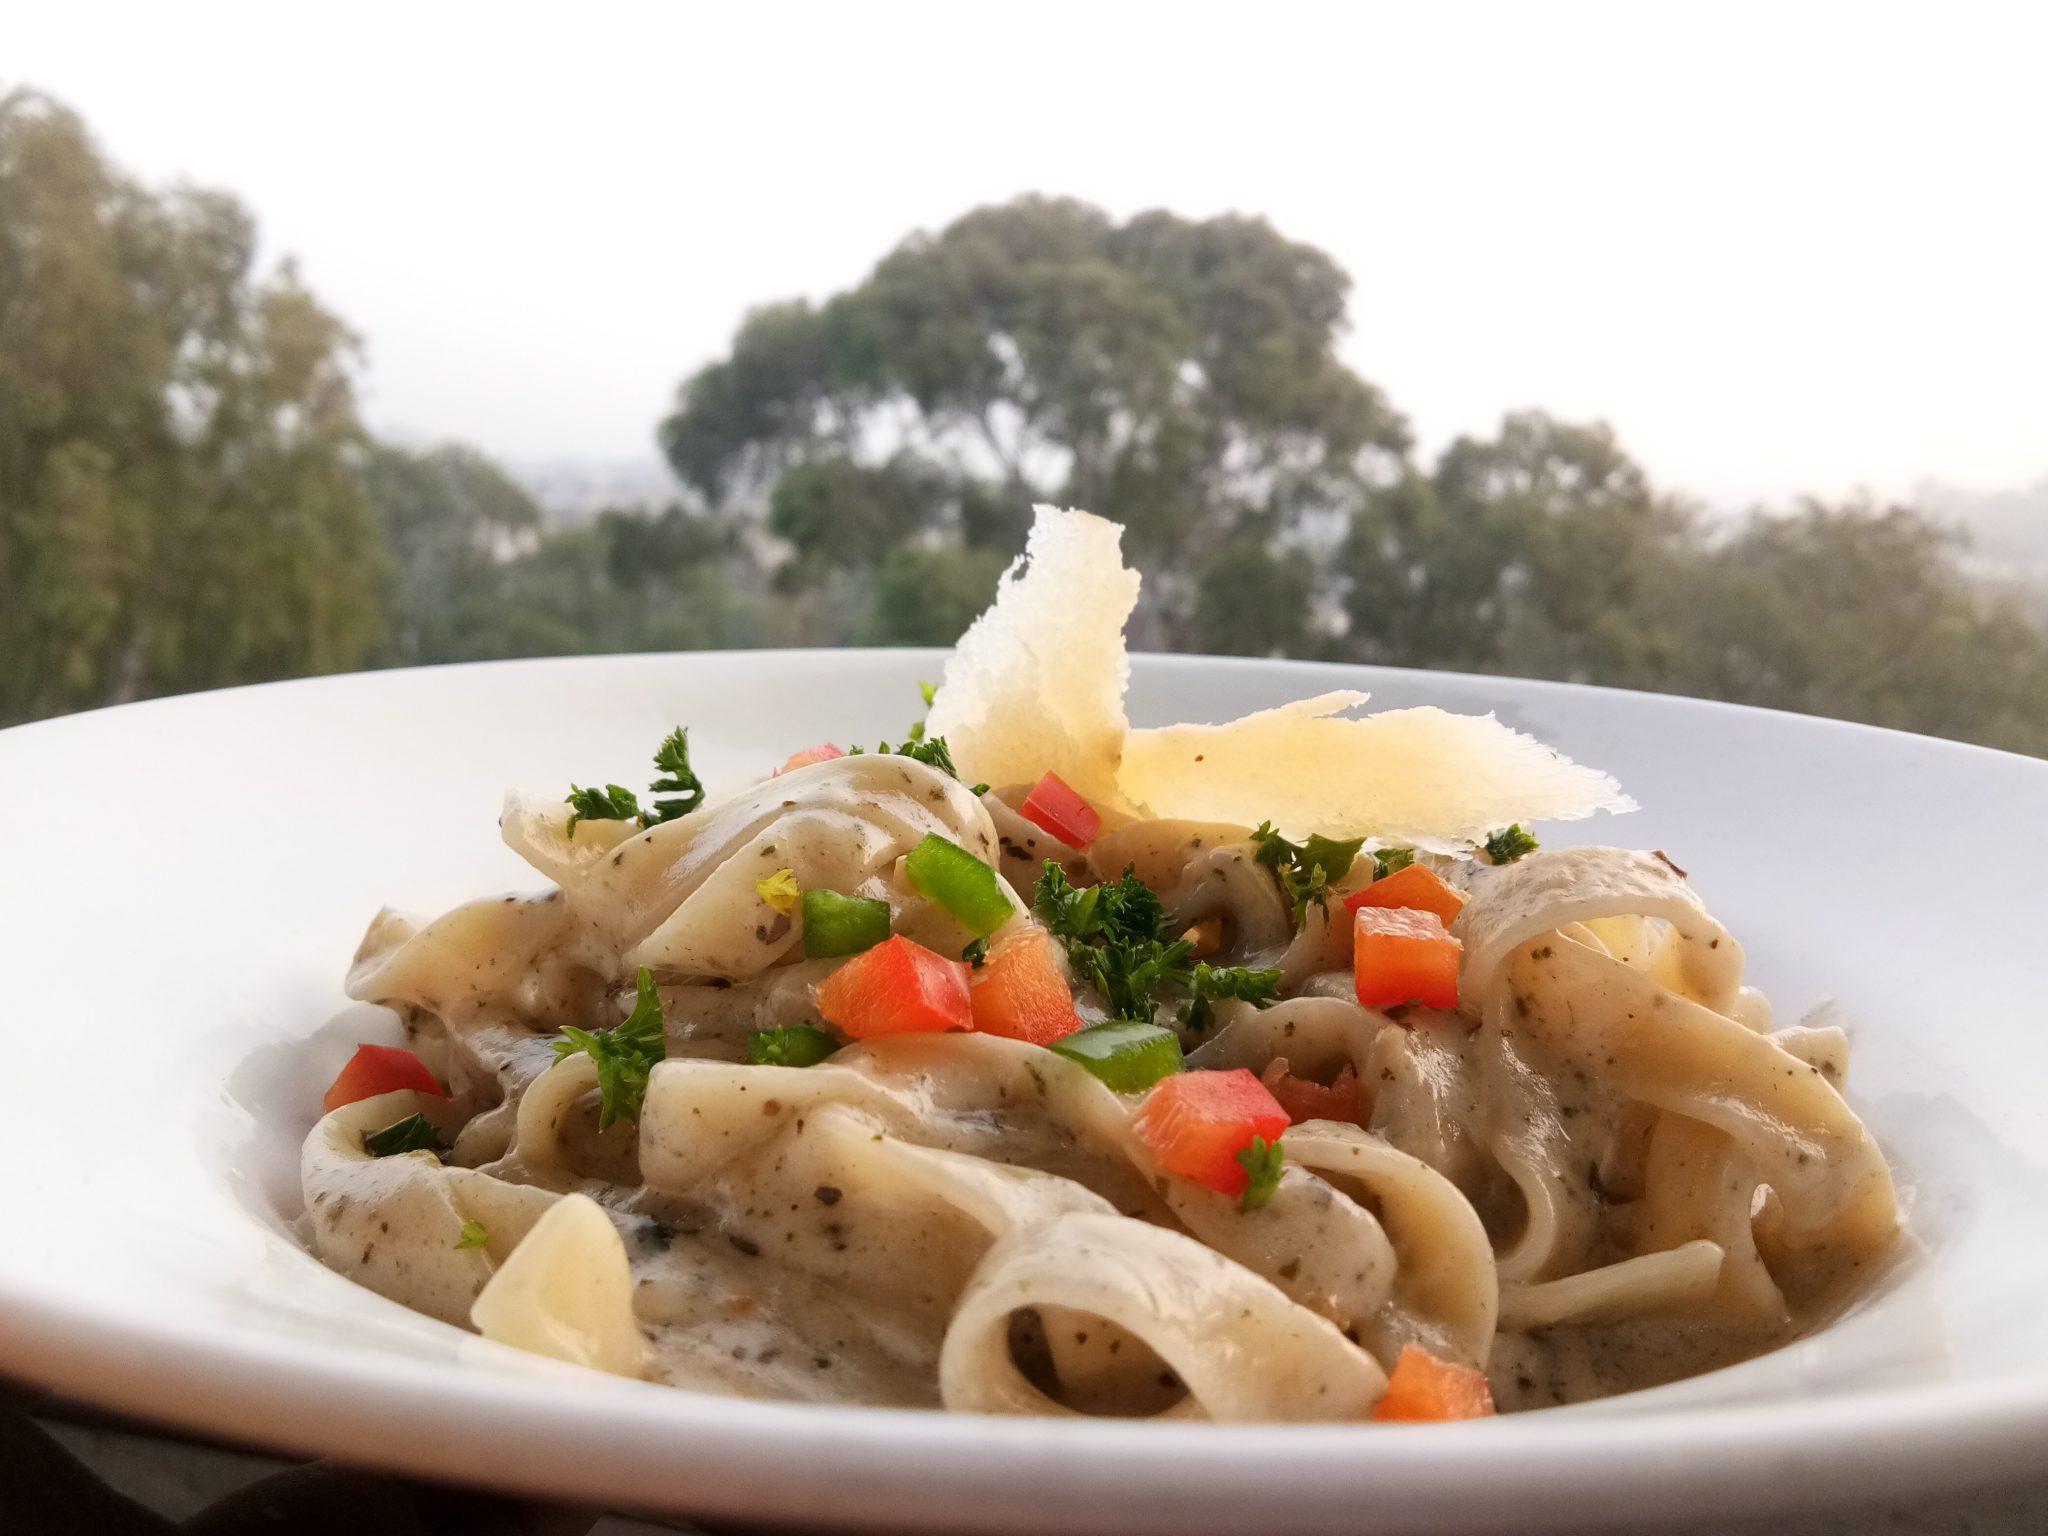 Recipe of tagliatelle pasta